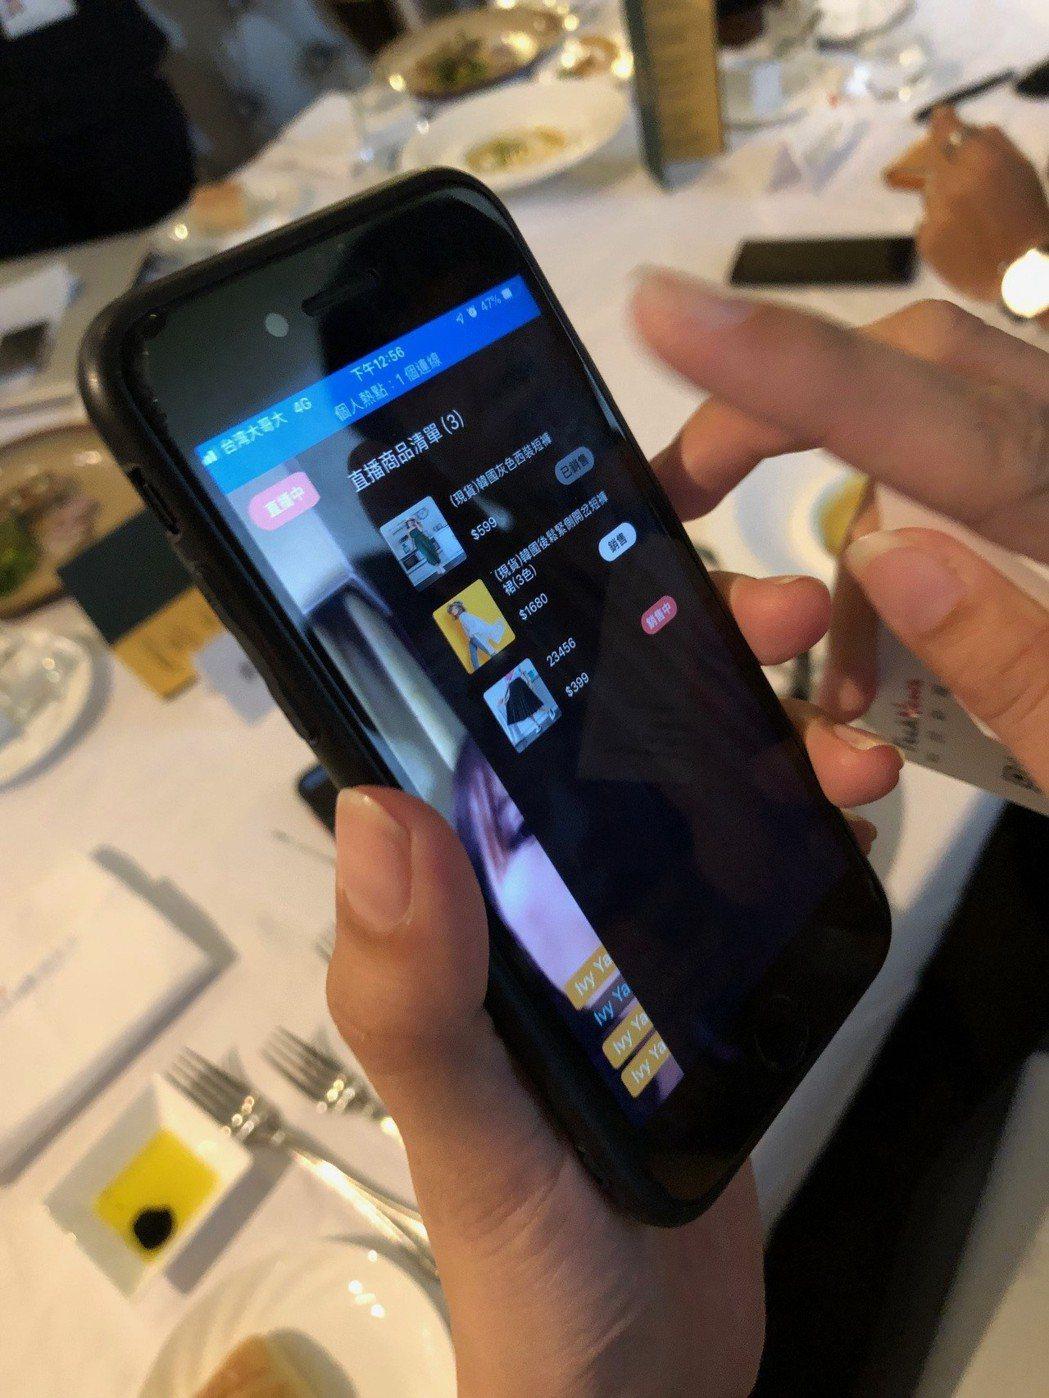 HandsUP舉手購物提供一鍵多平台直播及智慧收單整合外,還能與大型電商平台合作...